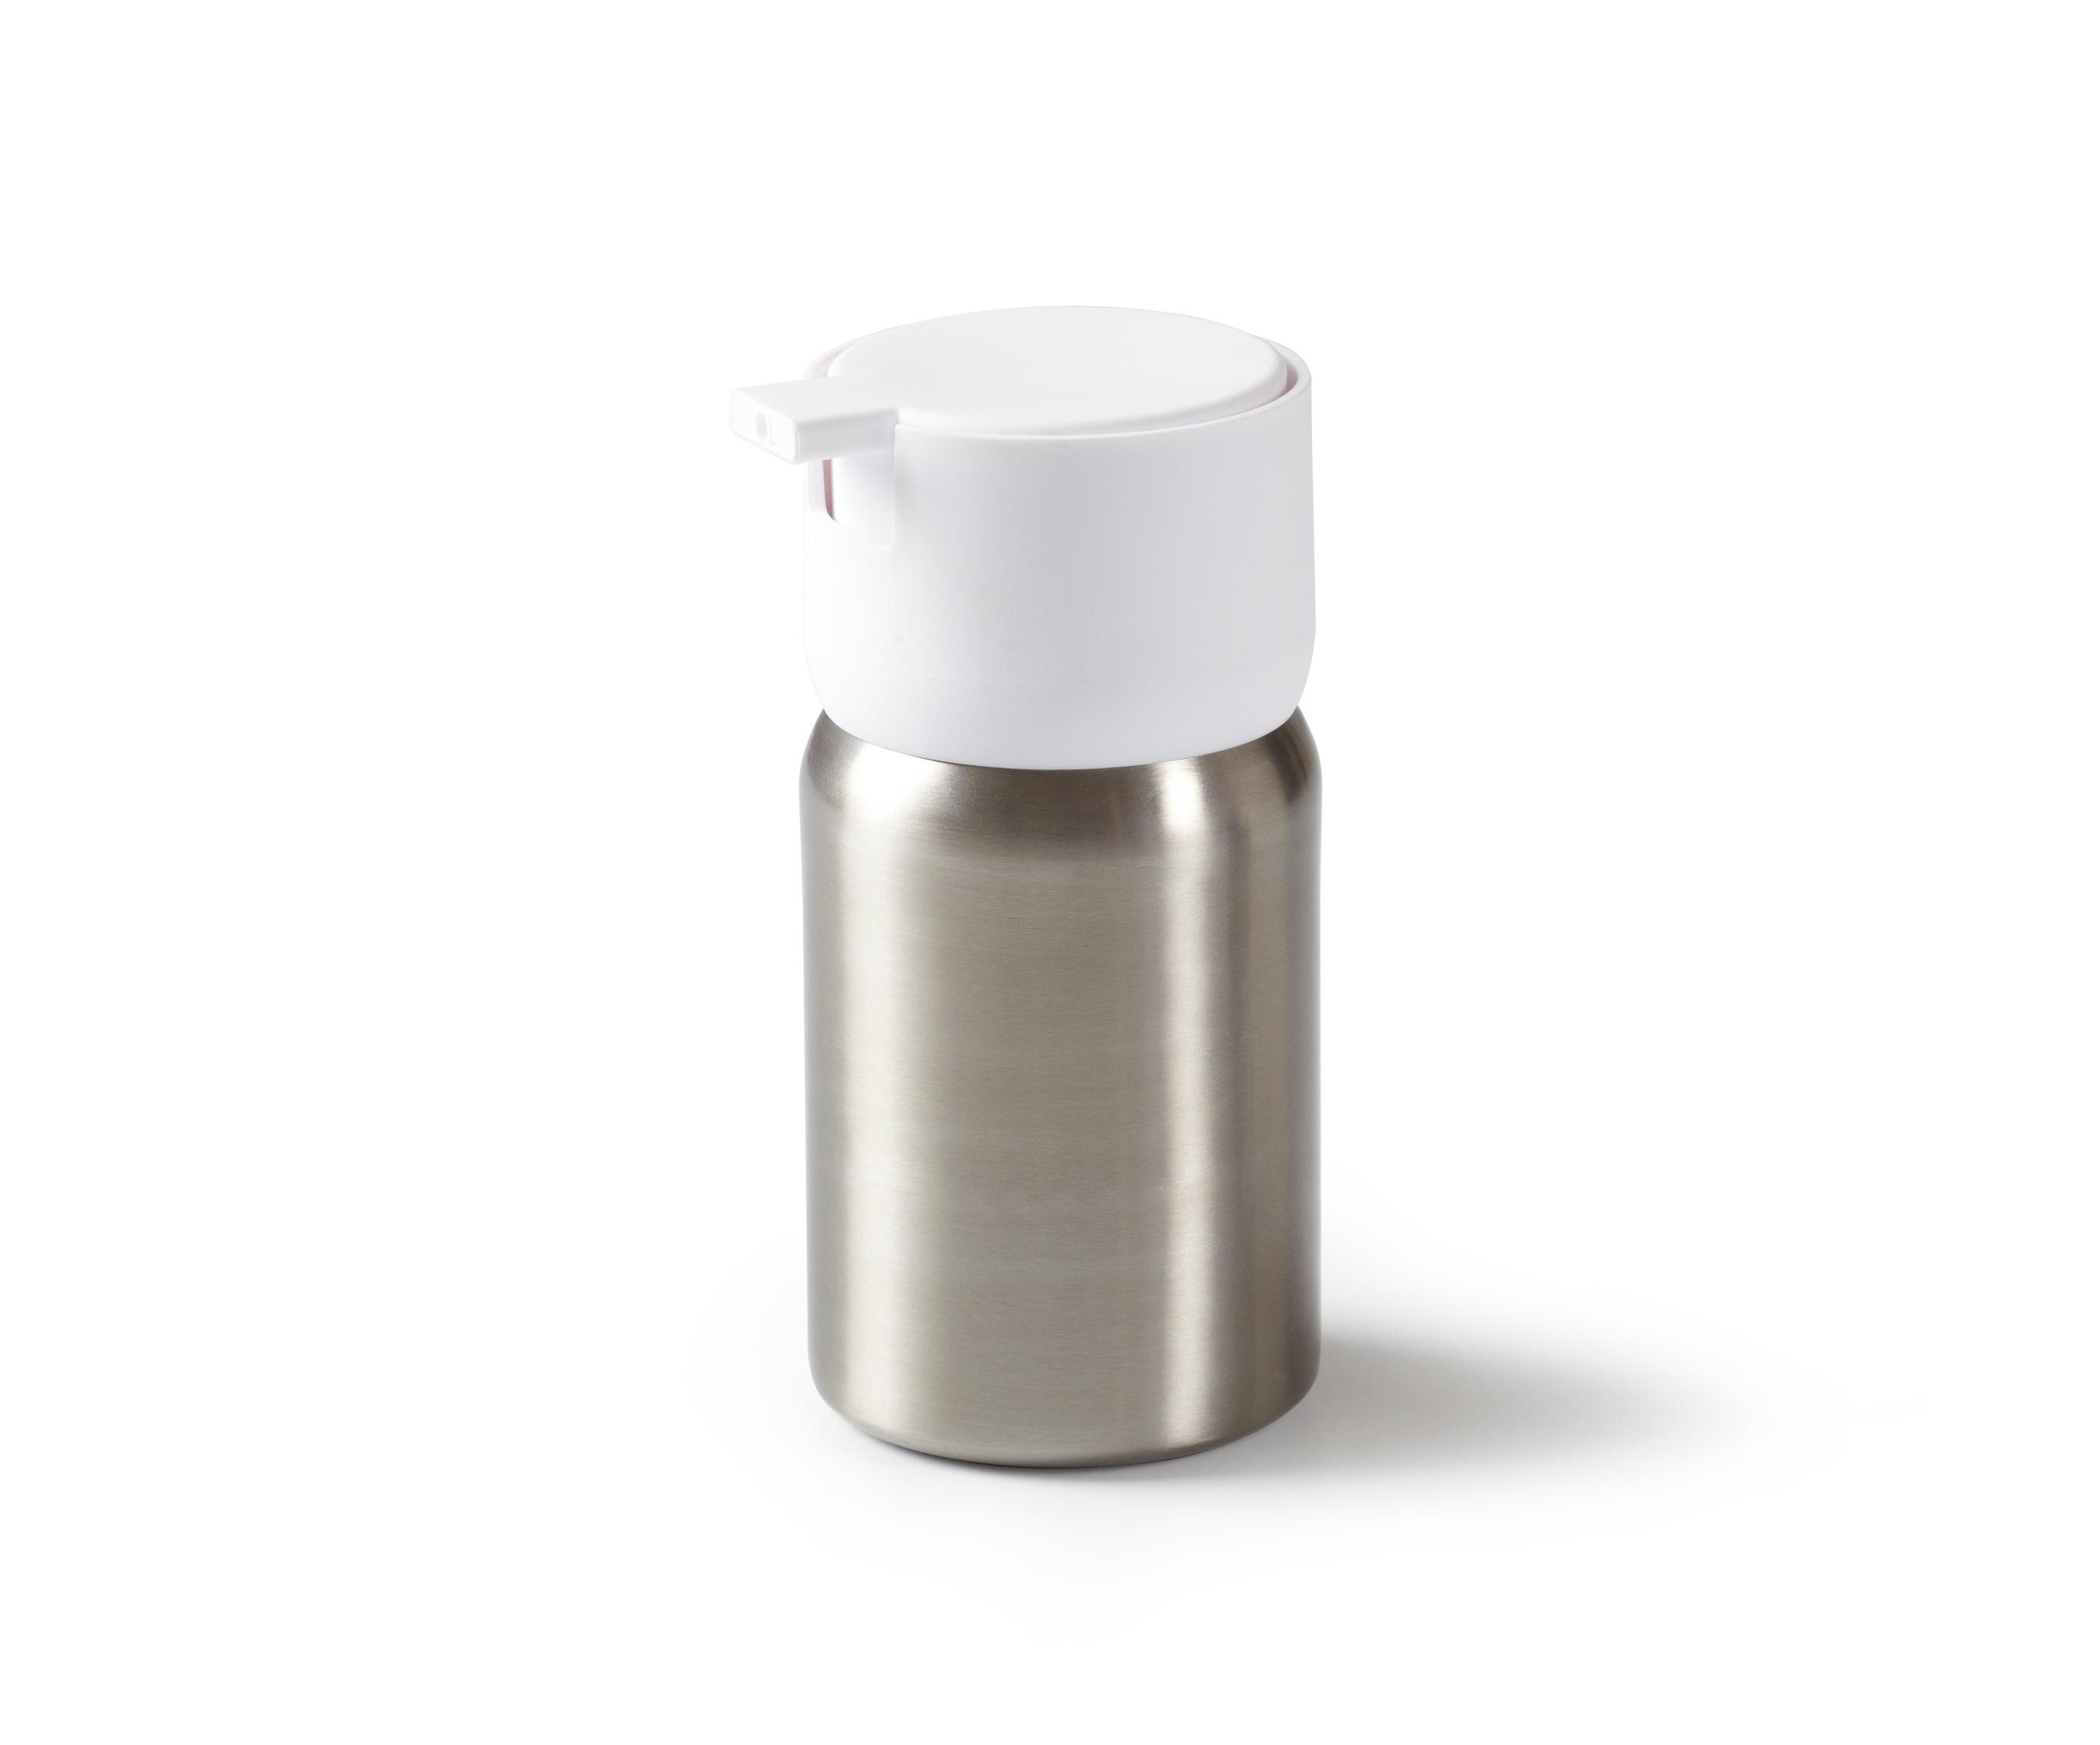 Диспенсер для жидкого мыла EnsaАксессуары для кухни<br>&amp;quot;Мыло душистое, полотенце пушистое&amp;quot; - если мыть руки, то с этим слоганом. Потому что приятно пахнущее мыло, например, ванильное или земляничное, поднимает настроение. А если оно внутри красивого диспенсера, который поможет отмерить нужное количество, это вдвойне приятно. <br>Те, кто покупает жидкое мыло, знают, что очень часто оно продается в некрасивых упаковках или очень больших бутылках, которые совершенно неудобно ставить на раковину. Проблема решена вот с таким лаконичным симпатичным  диспенсером. Теперь вы не забудете вымыть руки перед едой! p.s. Важная подсказка: диспенсер также можно использовать на кухне для моющего средства, получается очень экономно.&amp;lt;div&amp;gt;&amp;lt;br&amp;gt;&amp;lt;/div&amp;gt;&amp;lt;div&amp;gt;Объем - 350 мл.&amp;lt;br&amp;gt;&amp;lt;/div&amp;gt;<br><br>Material: Пластик<br>Width см: None<br>Depth см: None<br>Height см: 15,2<br>Diameter см: 5,7